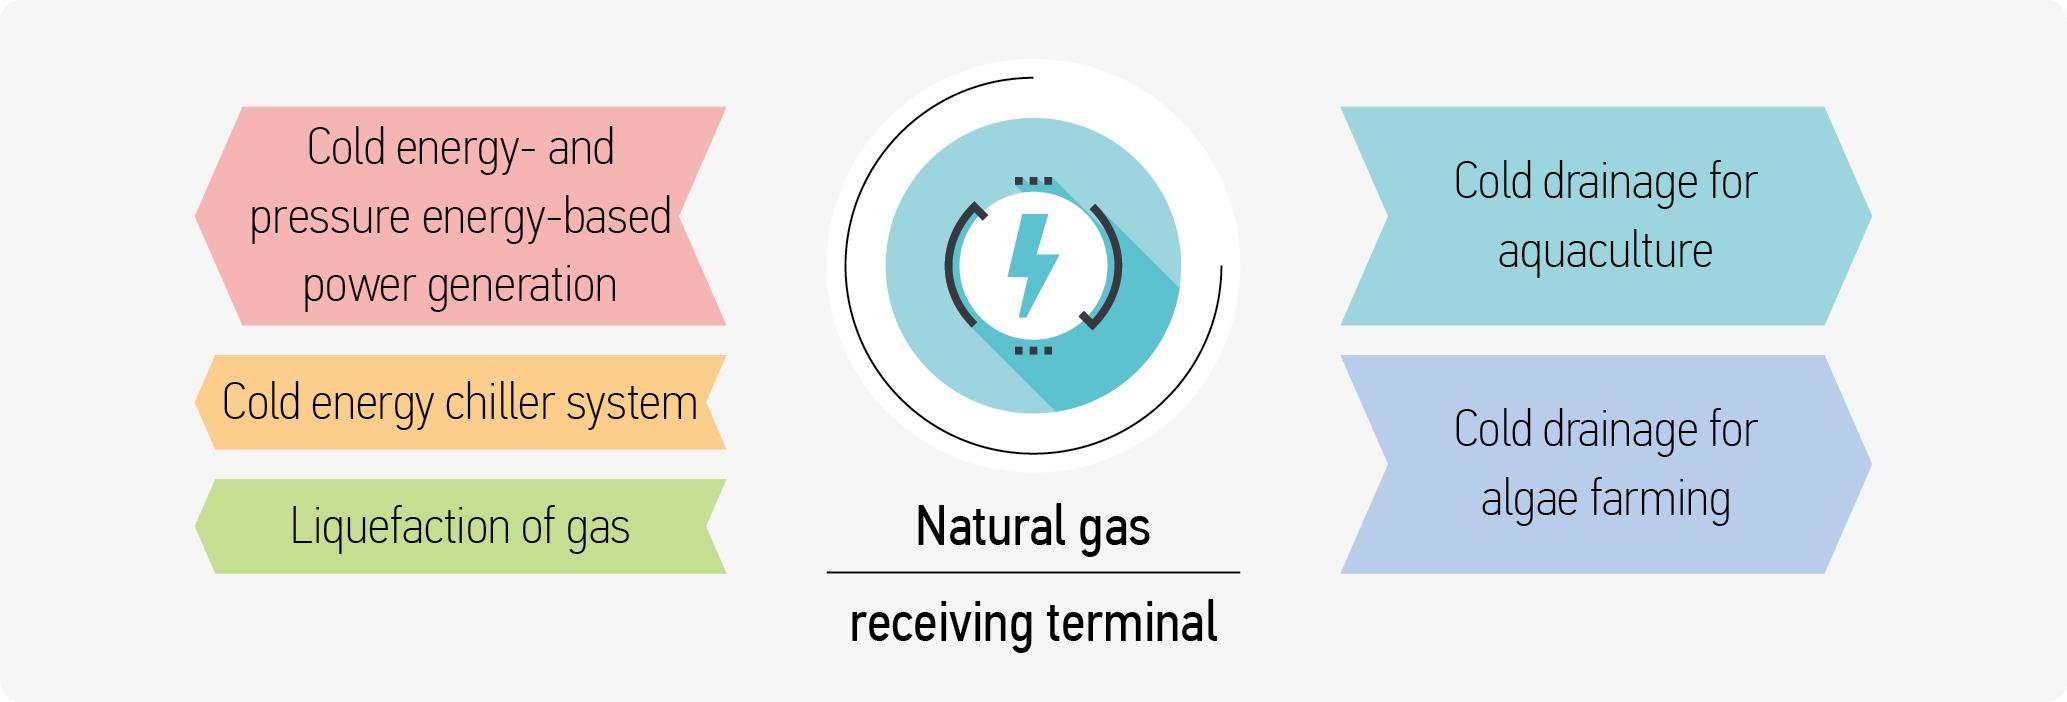 Natural Gas Receiving Terminal